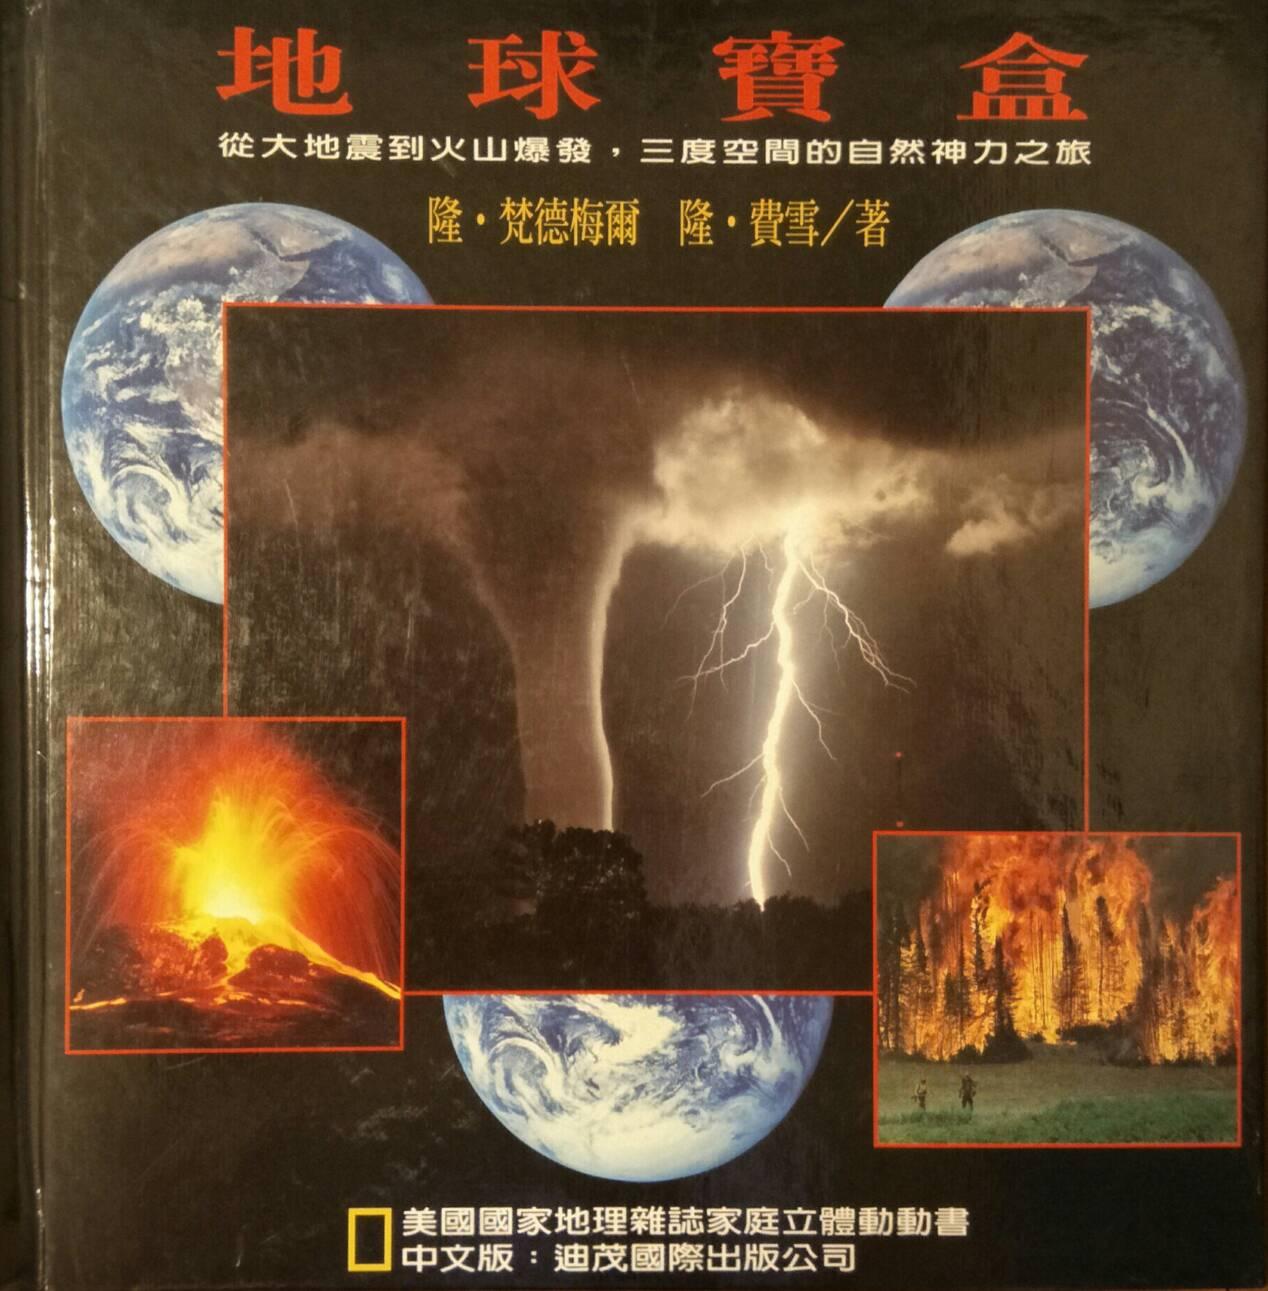 地球寶盒:從大地震到火山爆發,三度空間的自然神力之旅